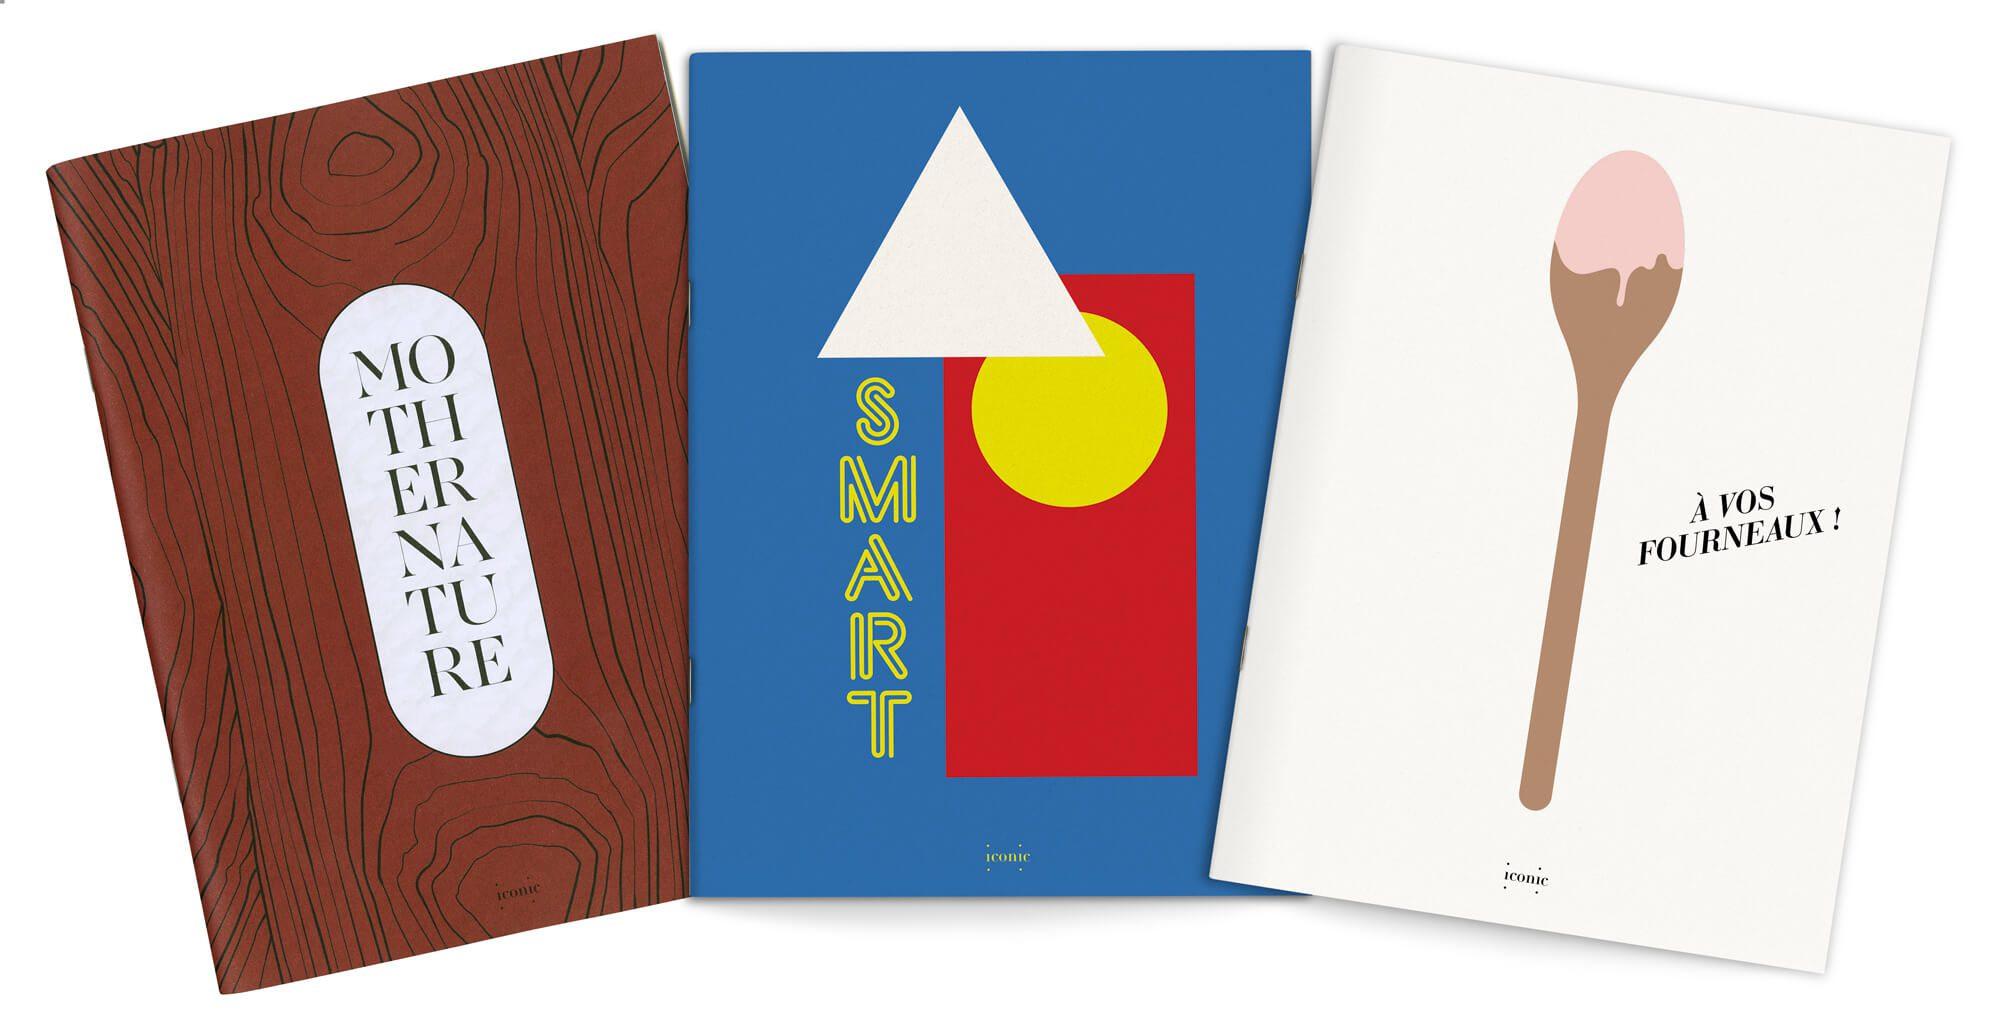 Ichetkar dessine chaque mois une illustration graphique pour la couverture du magazine Iconic de designer box.